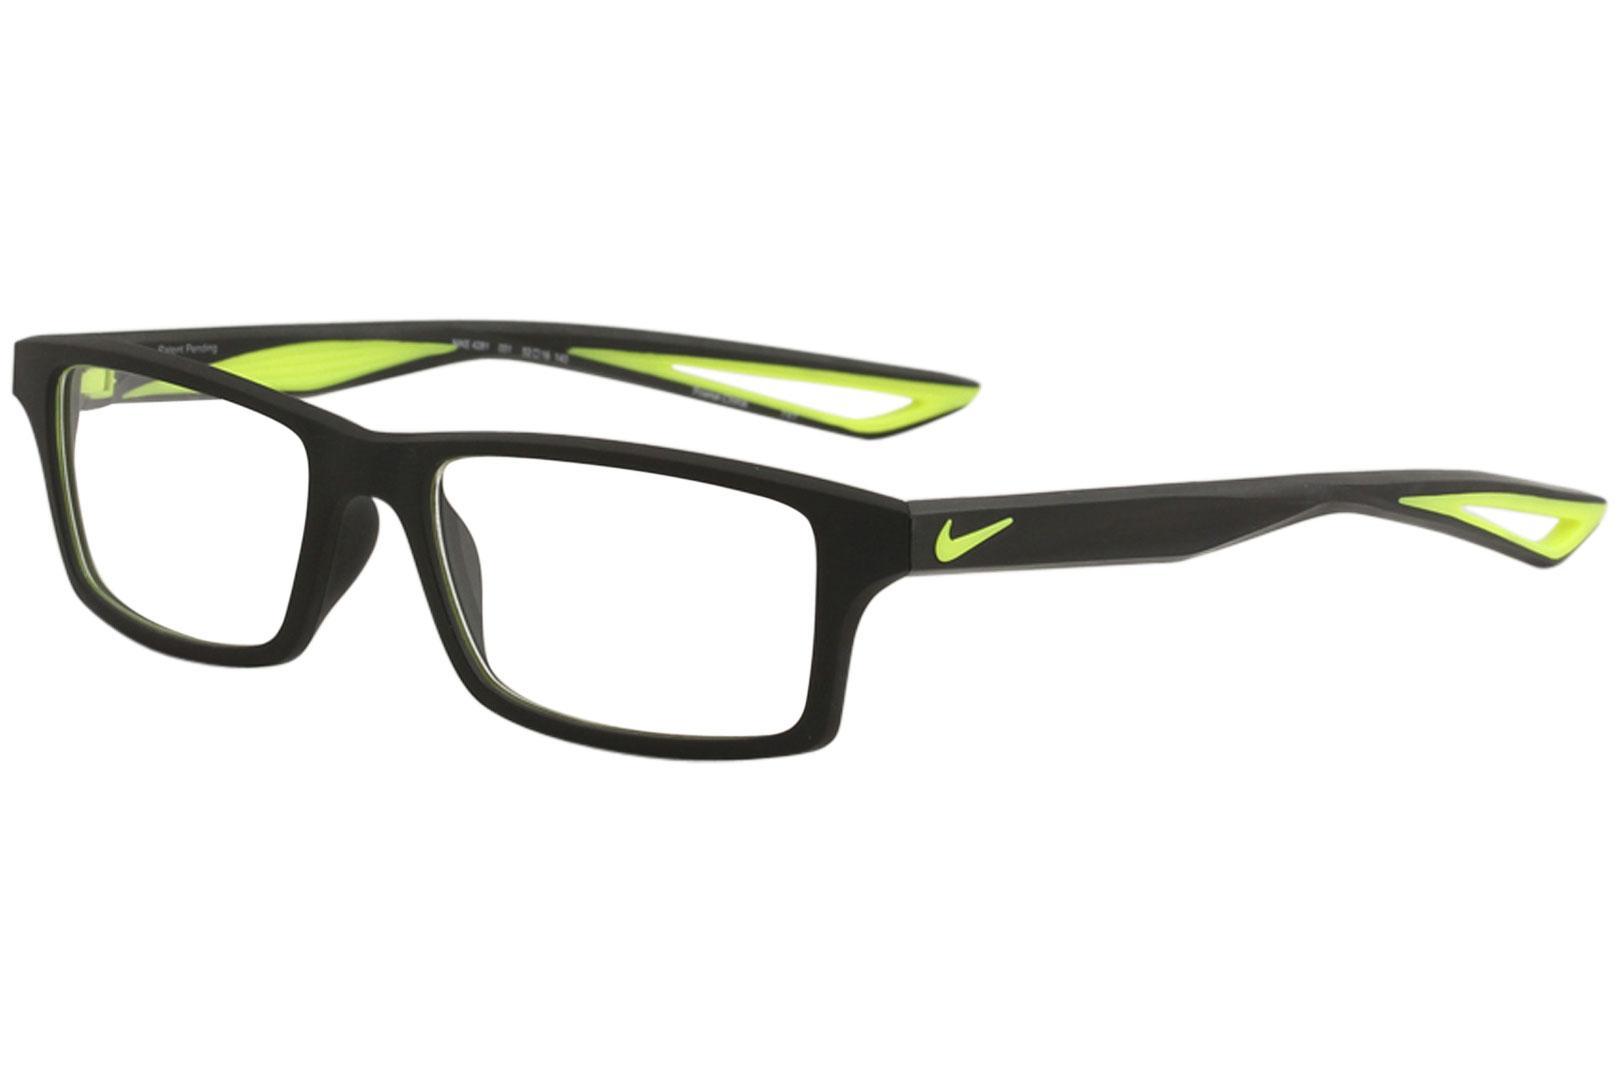 22a51a7894 Nike Men s Eyeglasses 4281 Full Rim Flexon Optical Frame